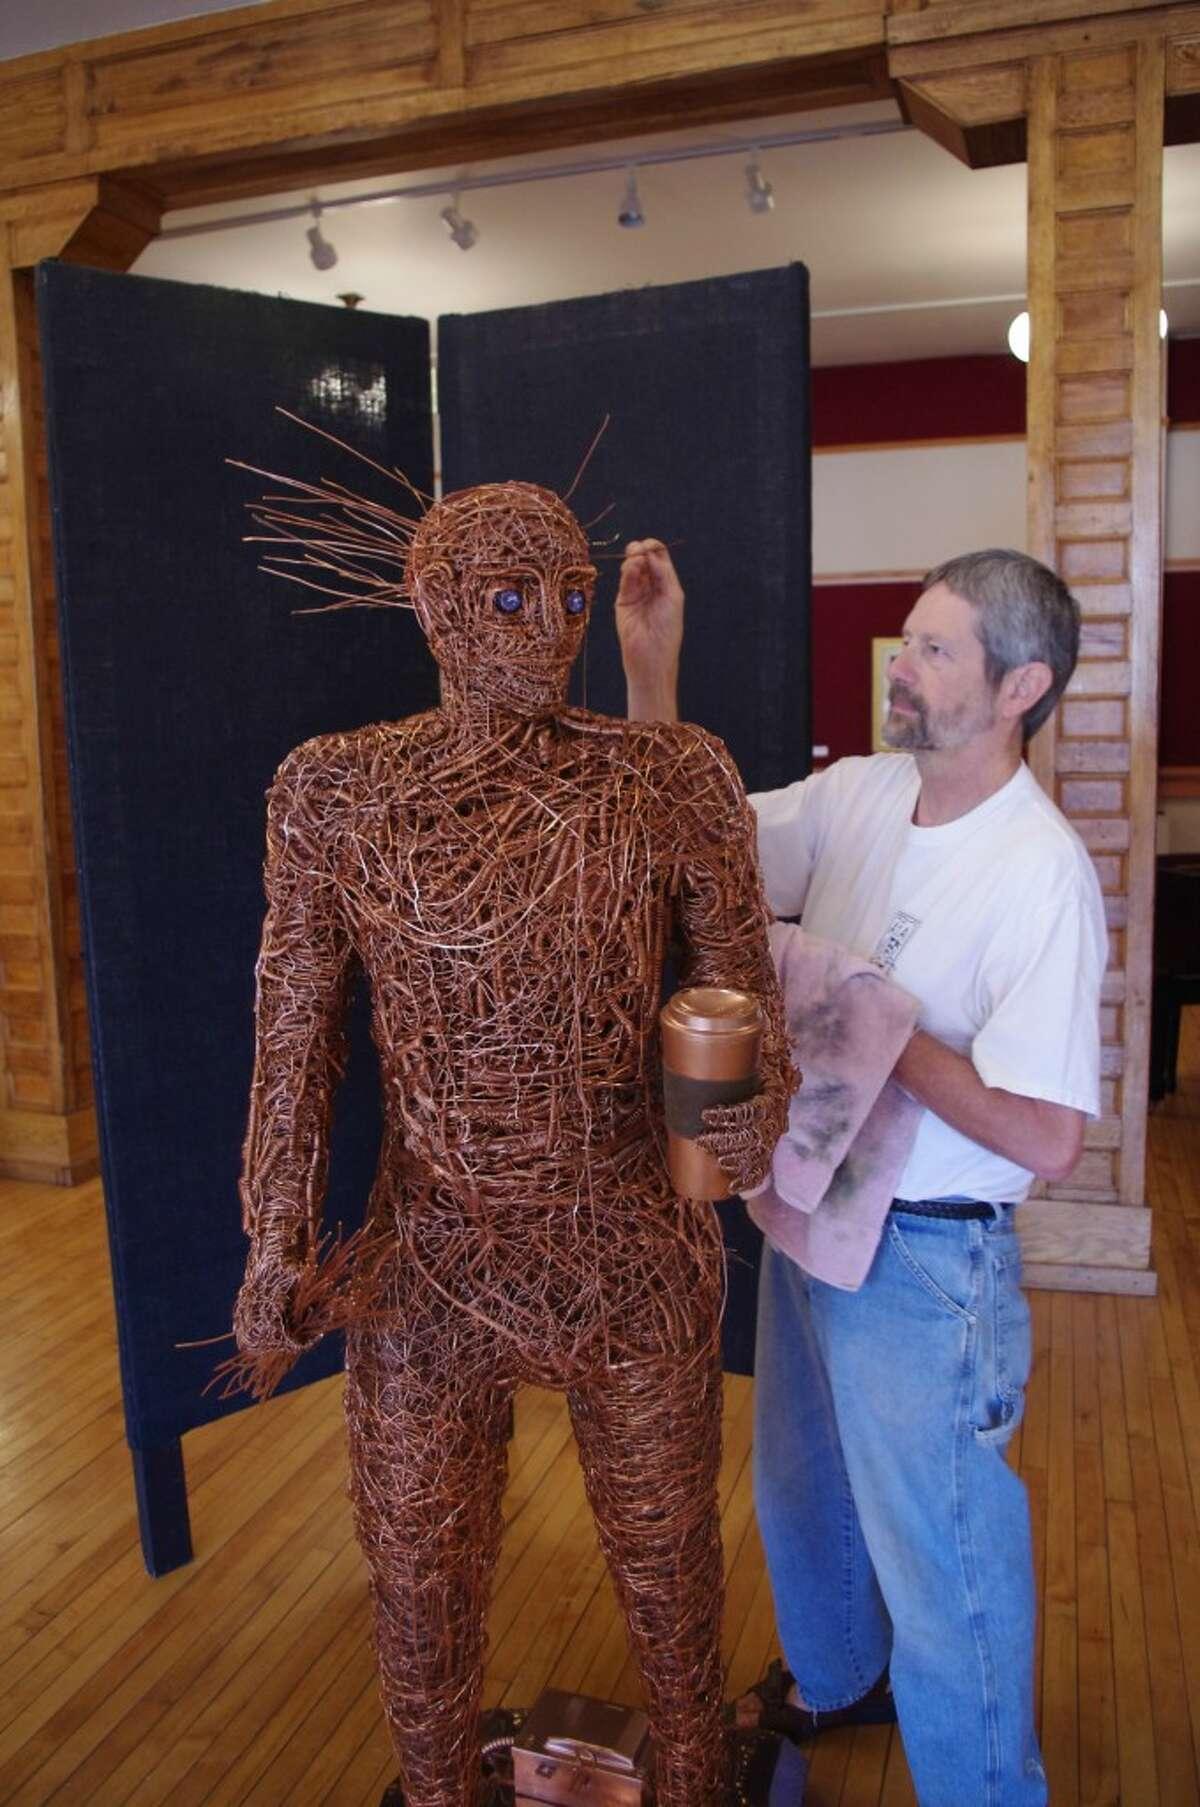 Sculptor Dave Masten touches up his work